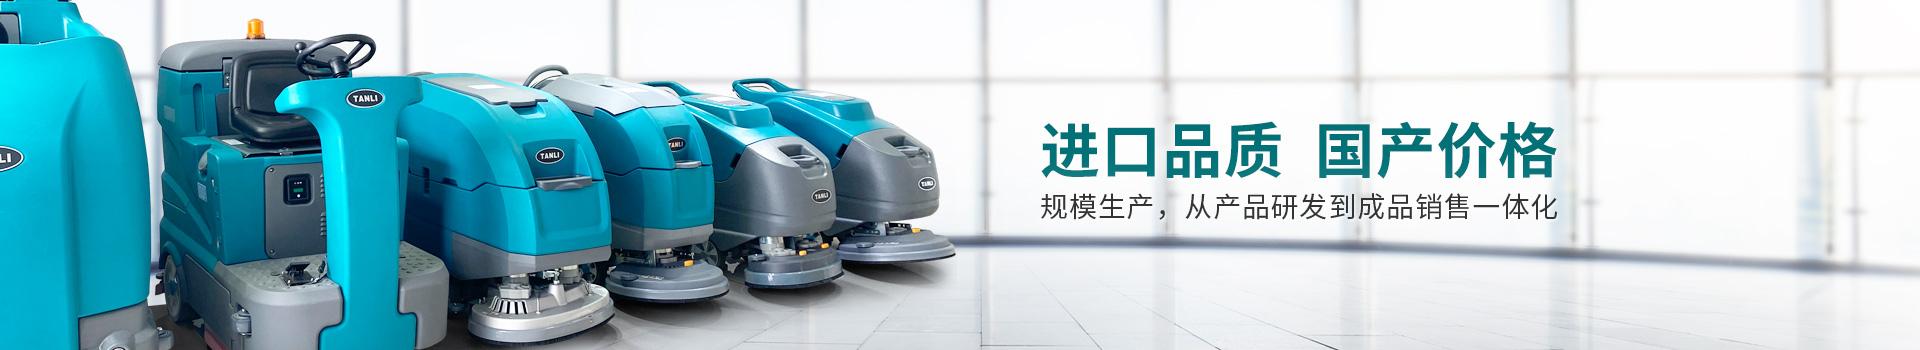 坦力清洁设备,进口品质,国产价格